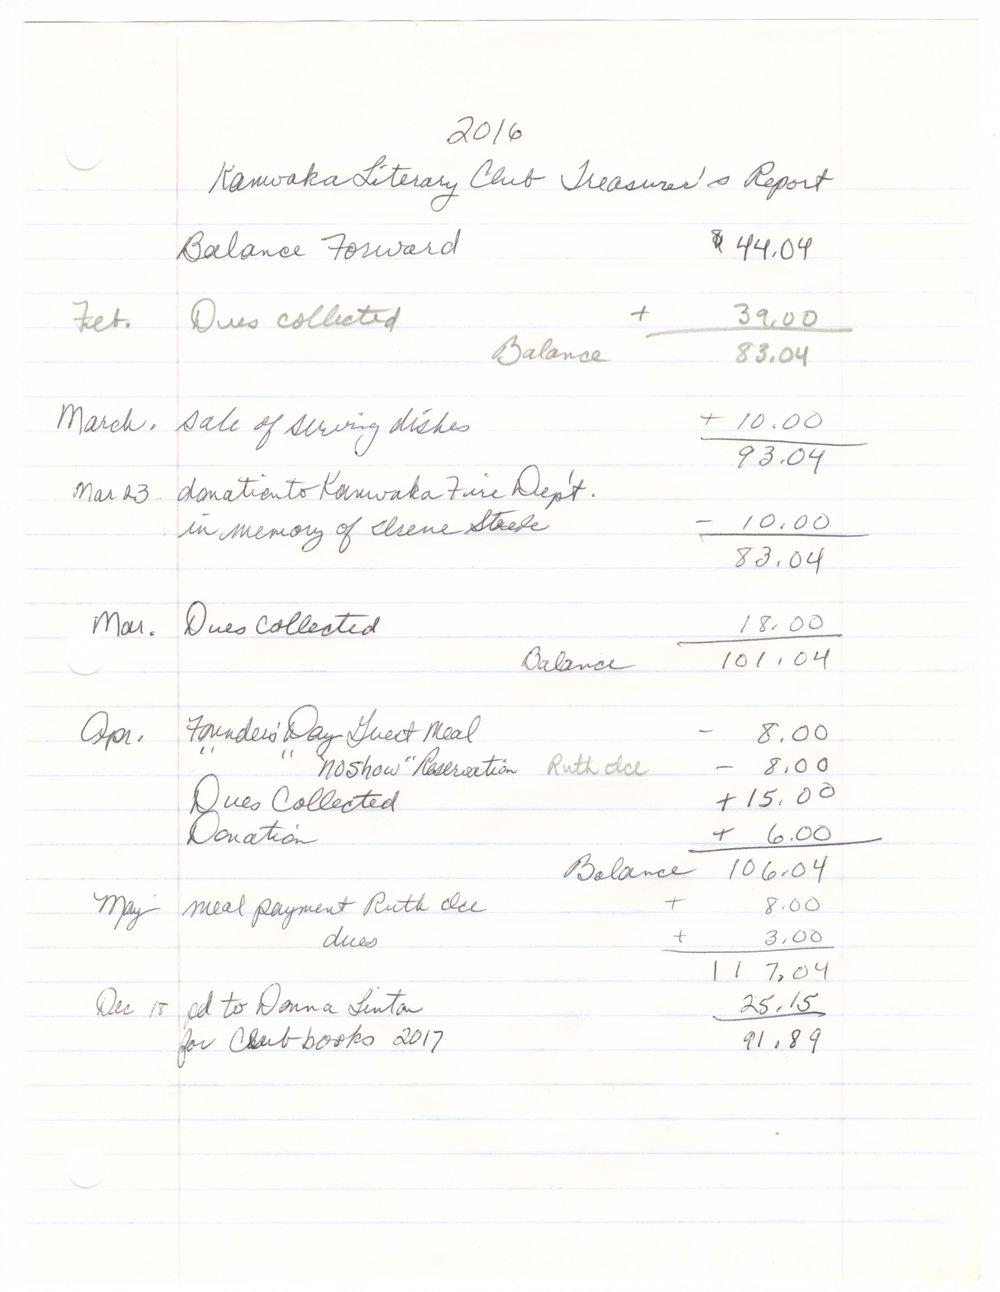 Kanwaka Literary Club records - 2016 Treasurer report